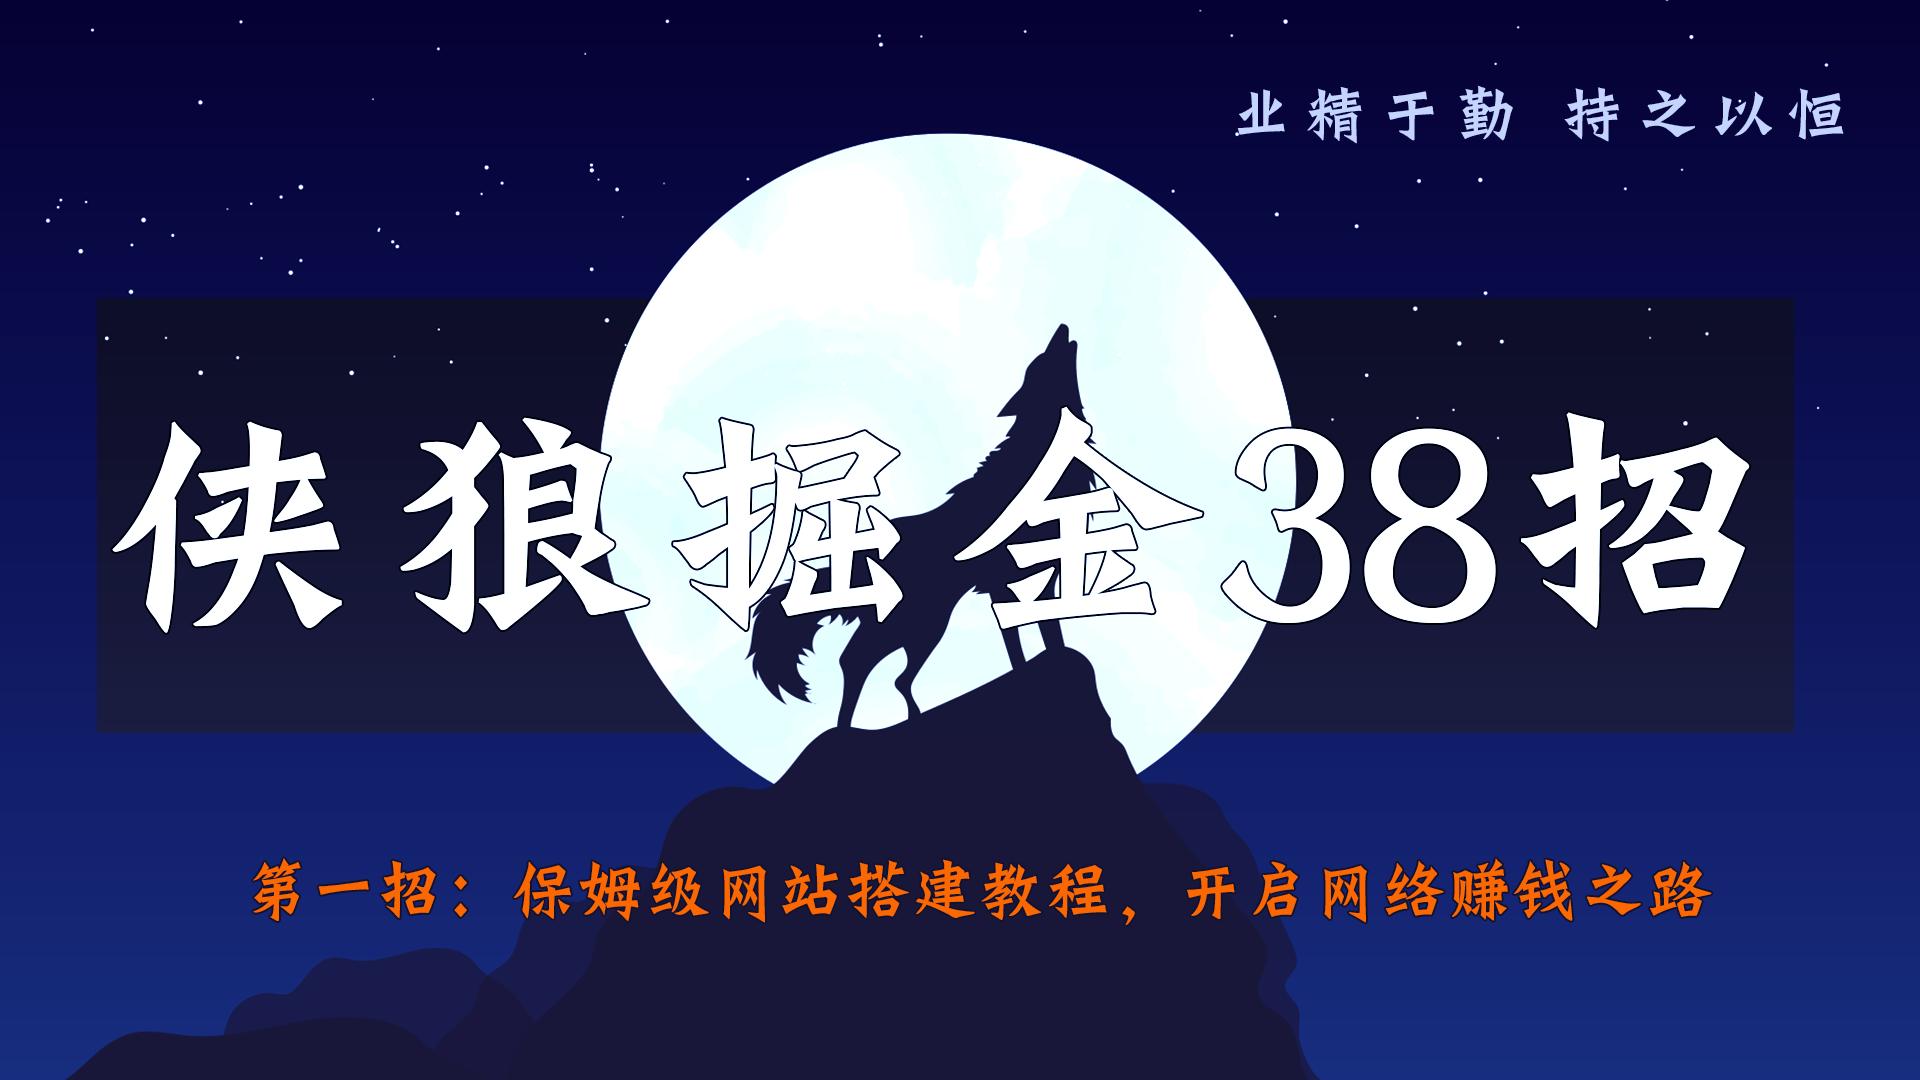 侠狼掘金38招第1招保姆级网站搭建教程,开启网络赚钱之路